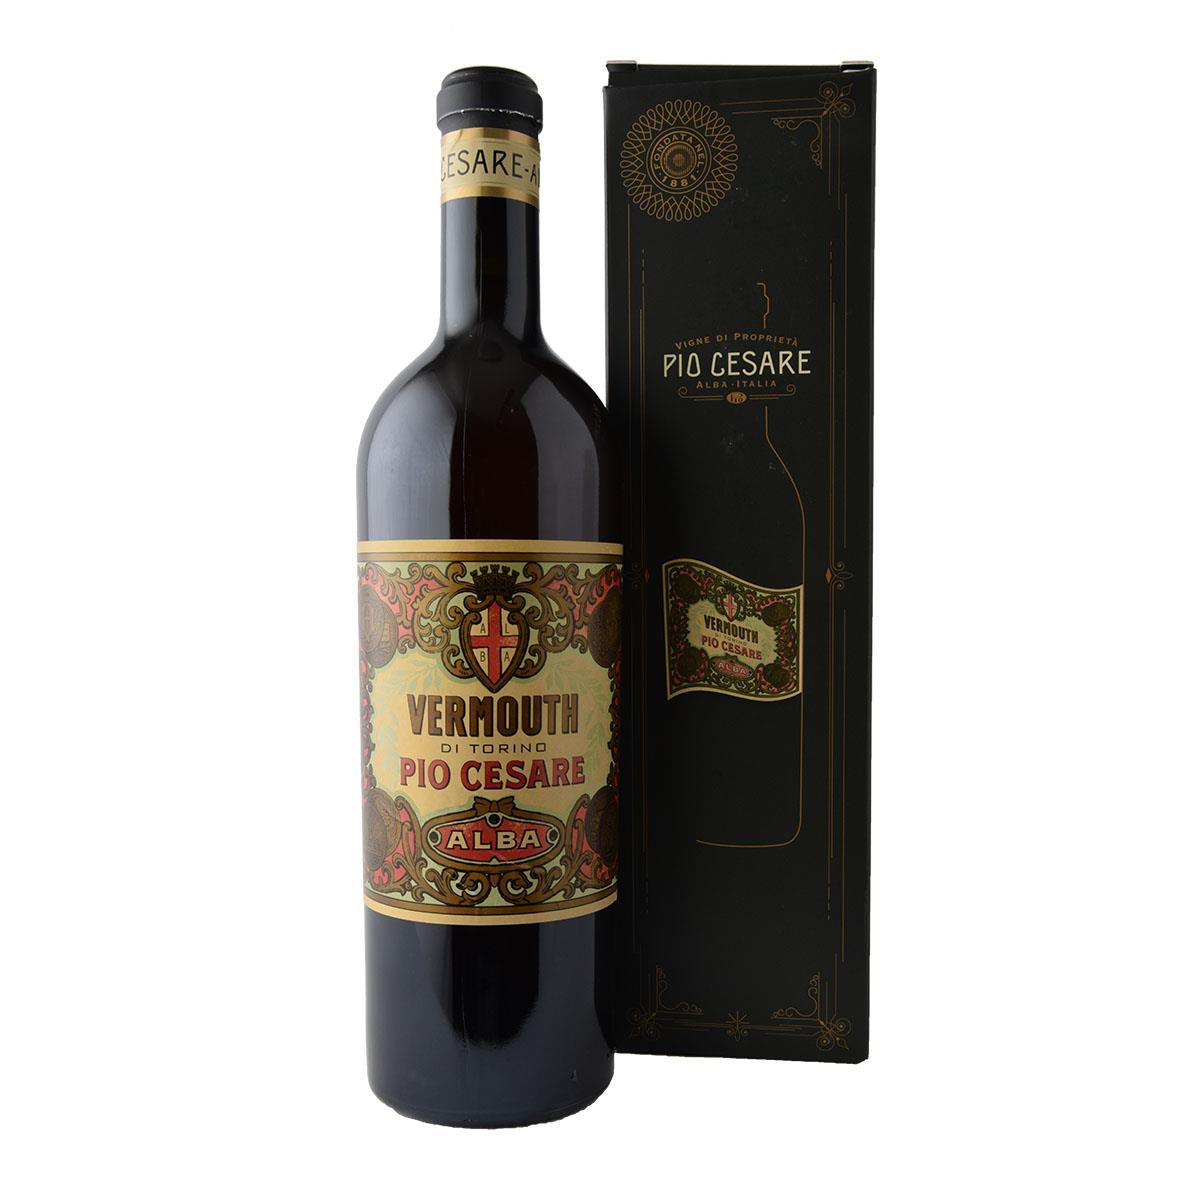 Pio Cesare Vermouth 750ml